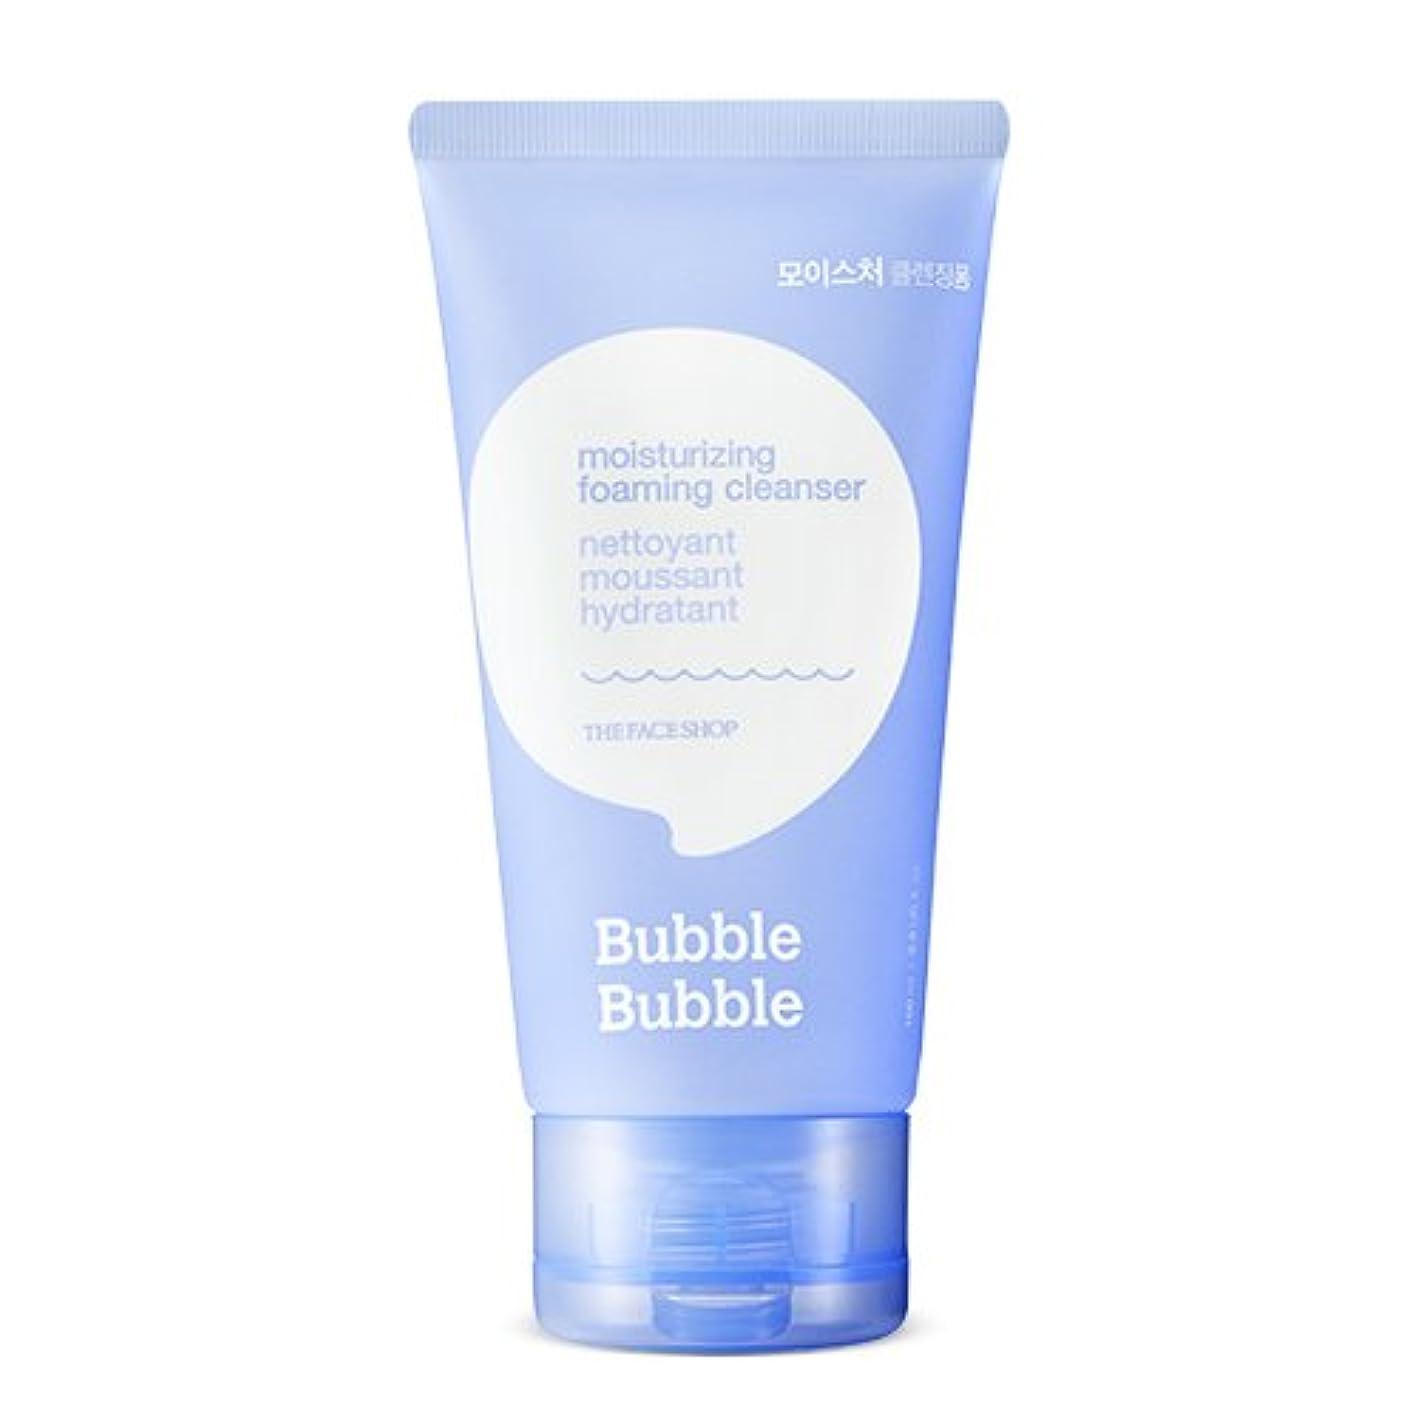 ビヨン同行極小THE FACE SHOP Bubble Bubble Foaming Cleanser 100ml/ザフェイスショップ バブル バブル フォーミング クレンザー 100ml (#Moisturizing(モイスチャー)...